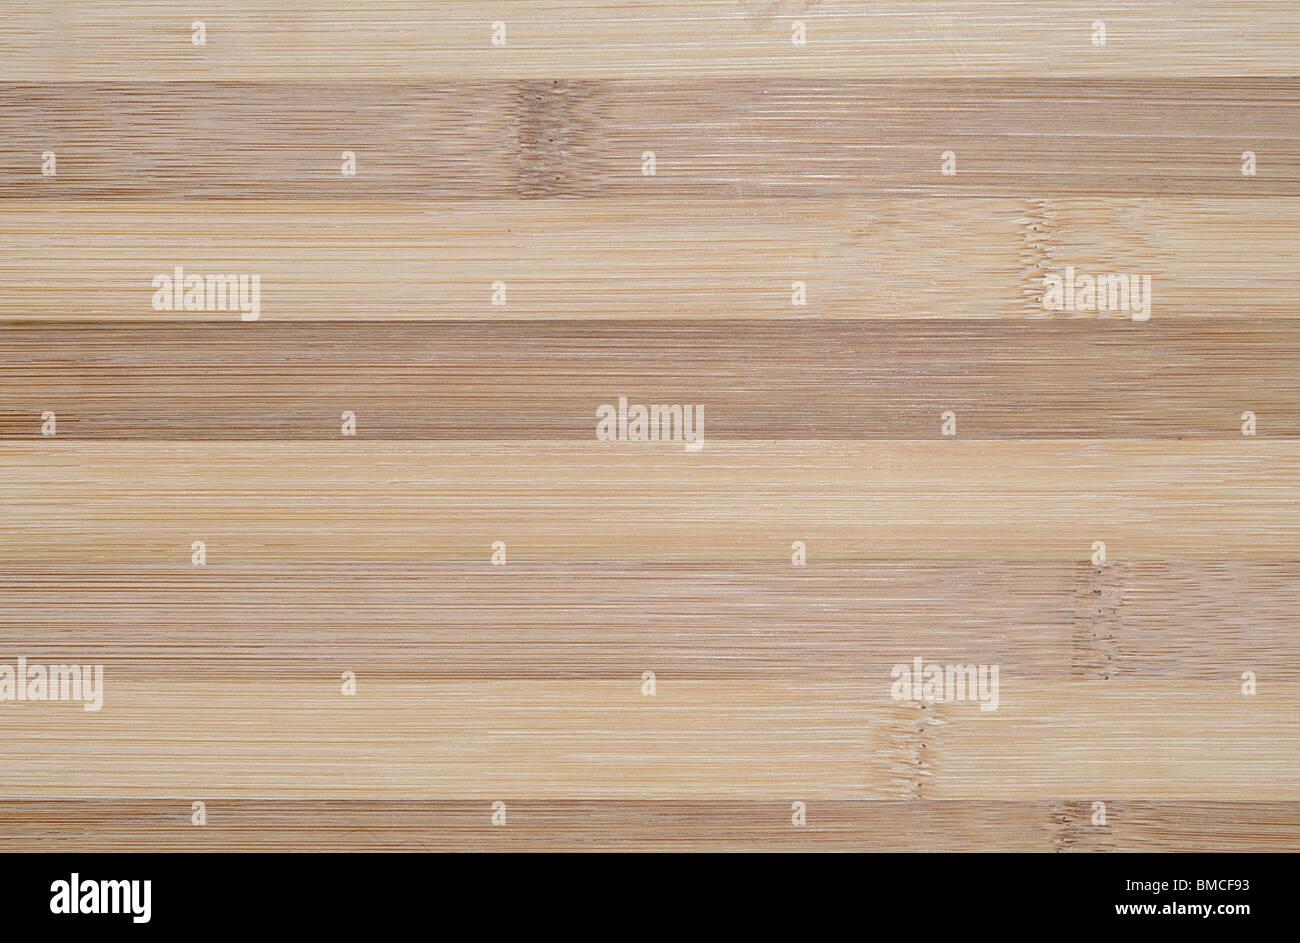 Wohnung Verarbeitet Tan Und Braun Bambus Holz Diele Als Hintergrund